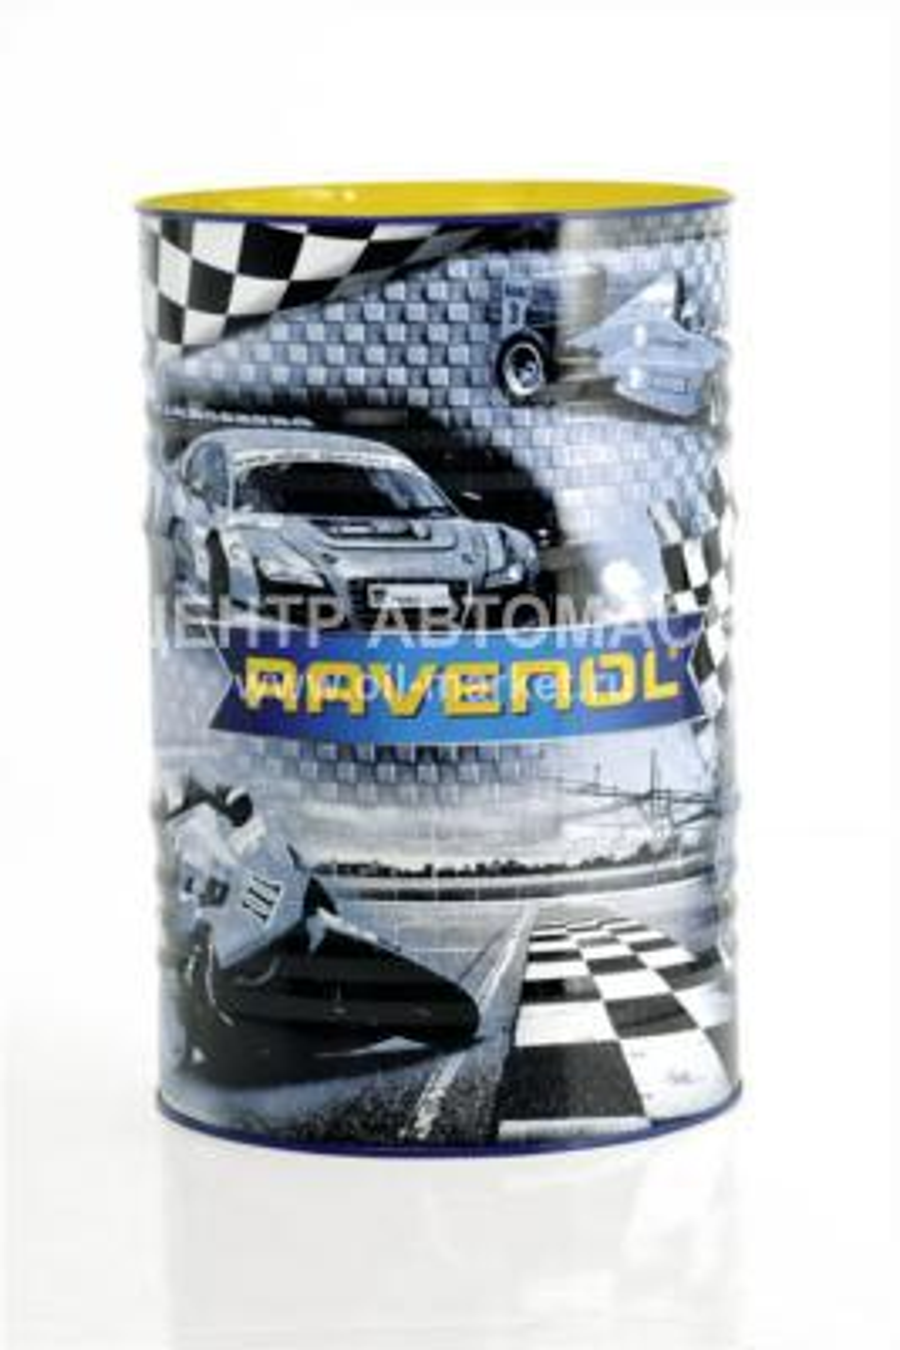 RAVENOL VDL 5W-40